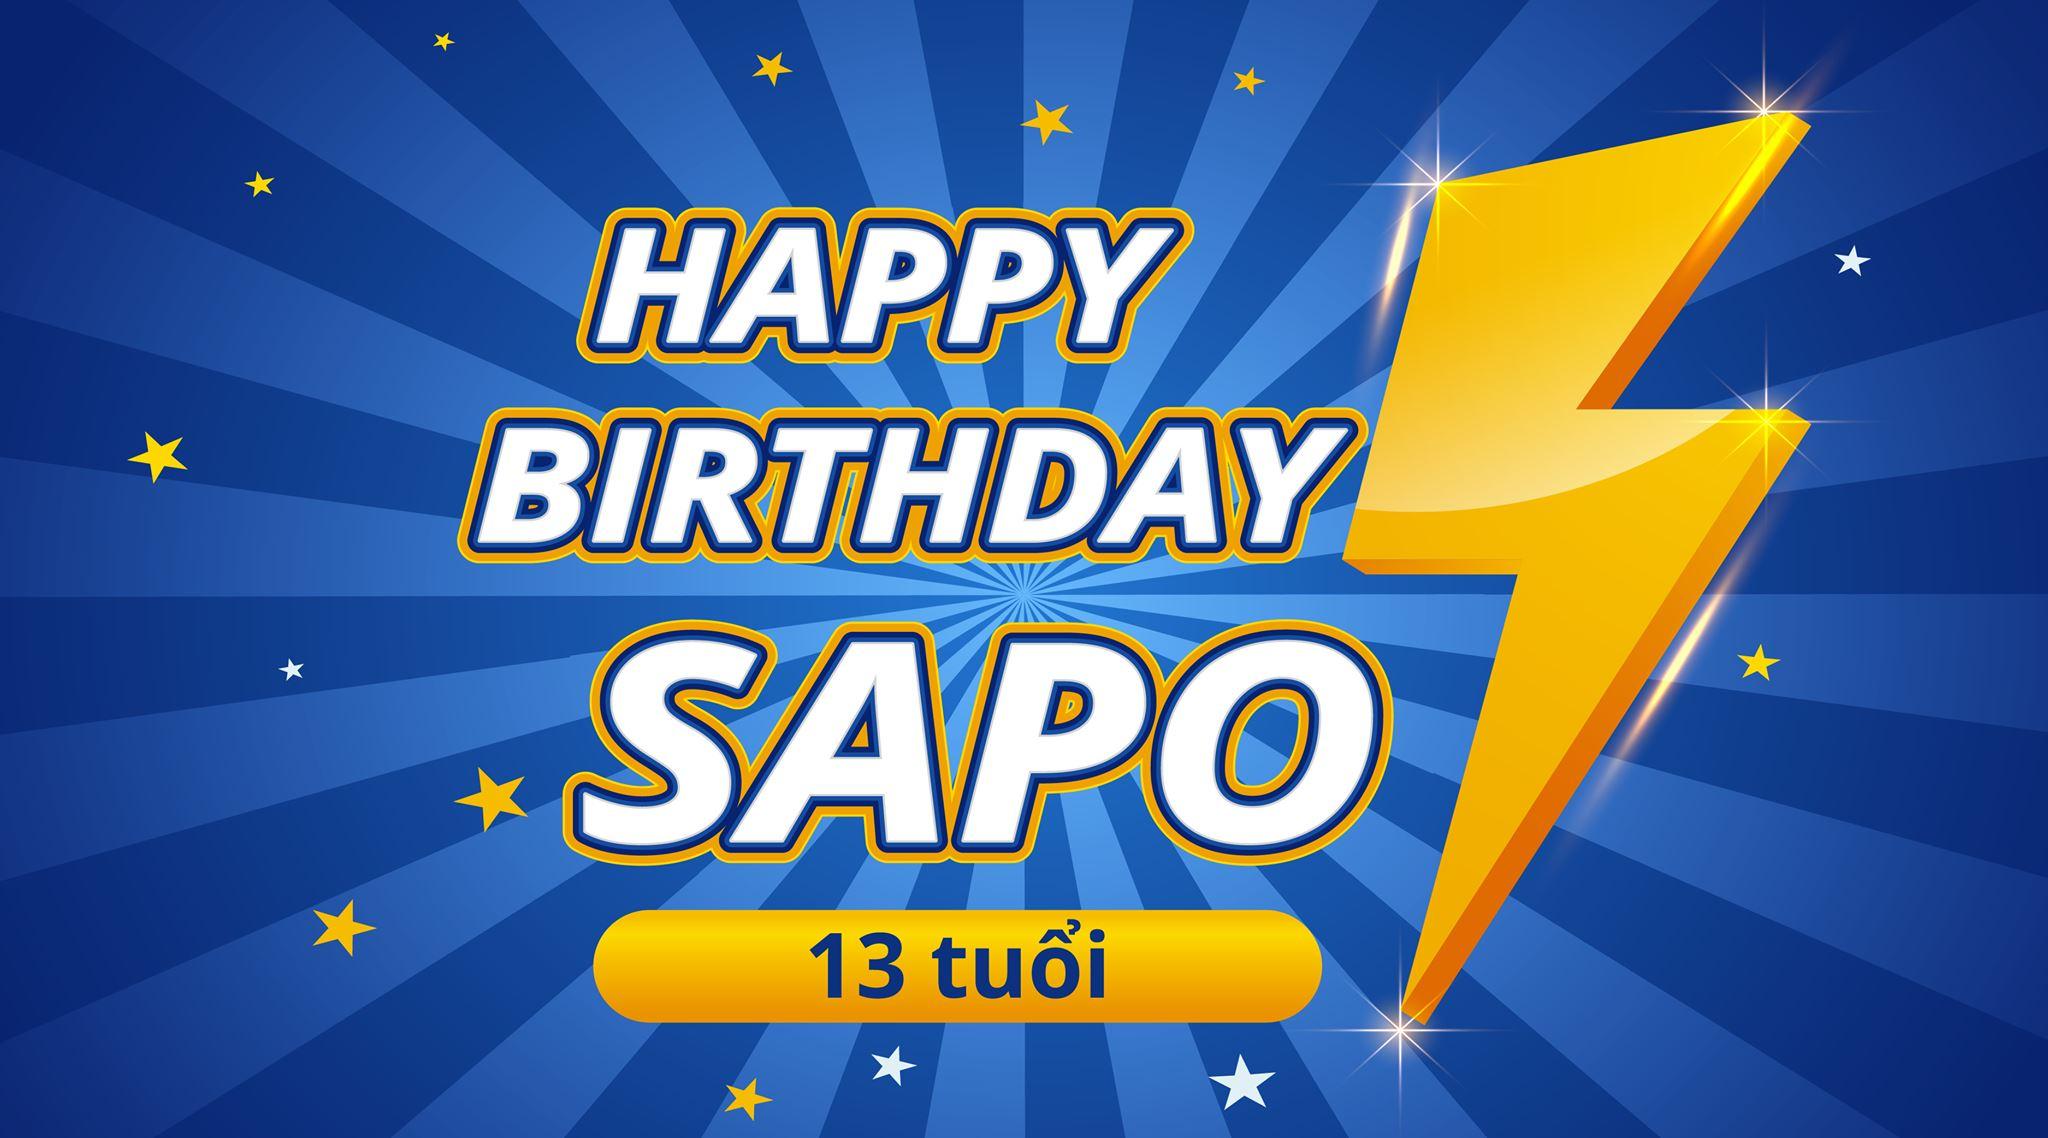 Bật mí một vài điều thú vị tại Sinh nhật Sapo 13 tuổi?